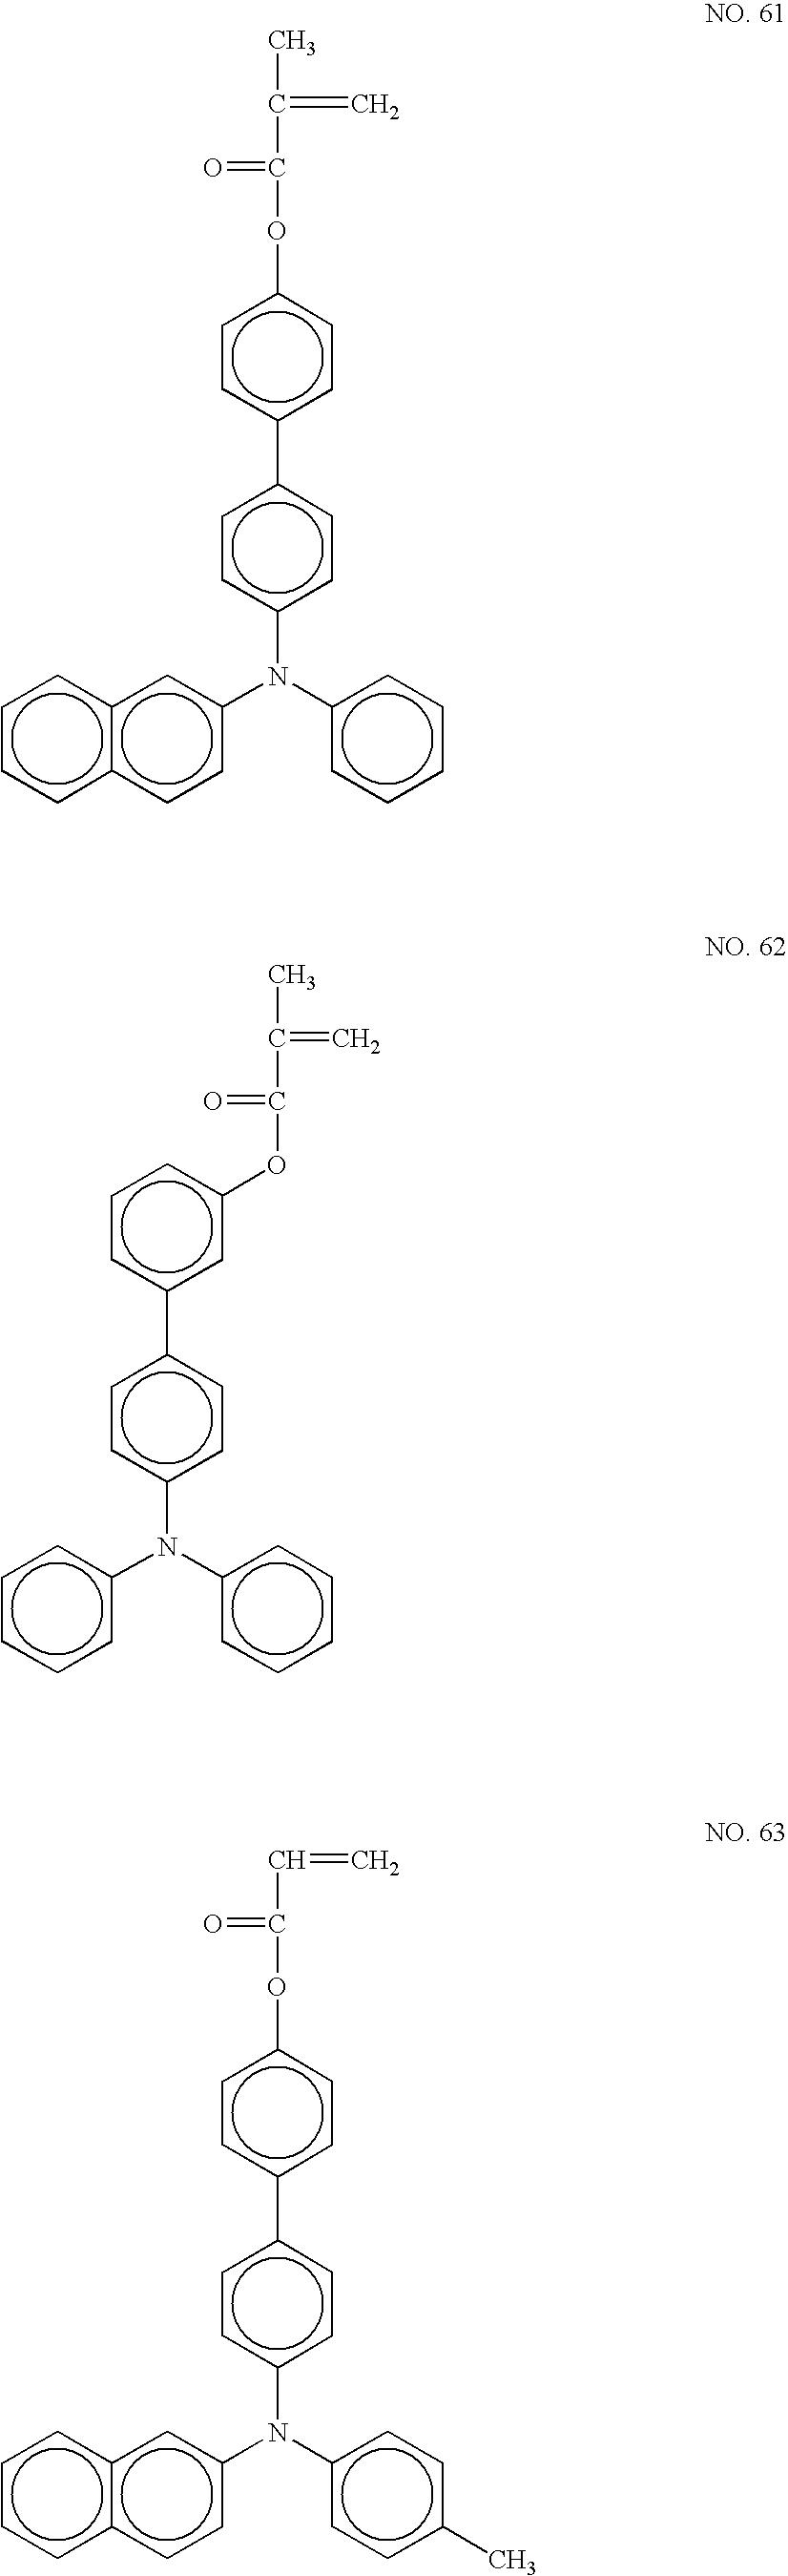 Figure US20050175911A1-20050811-C00022